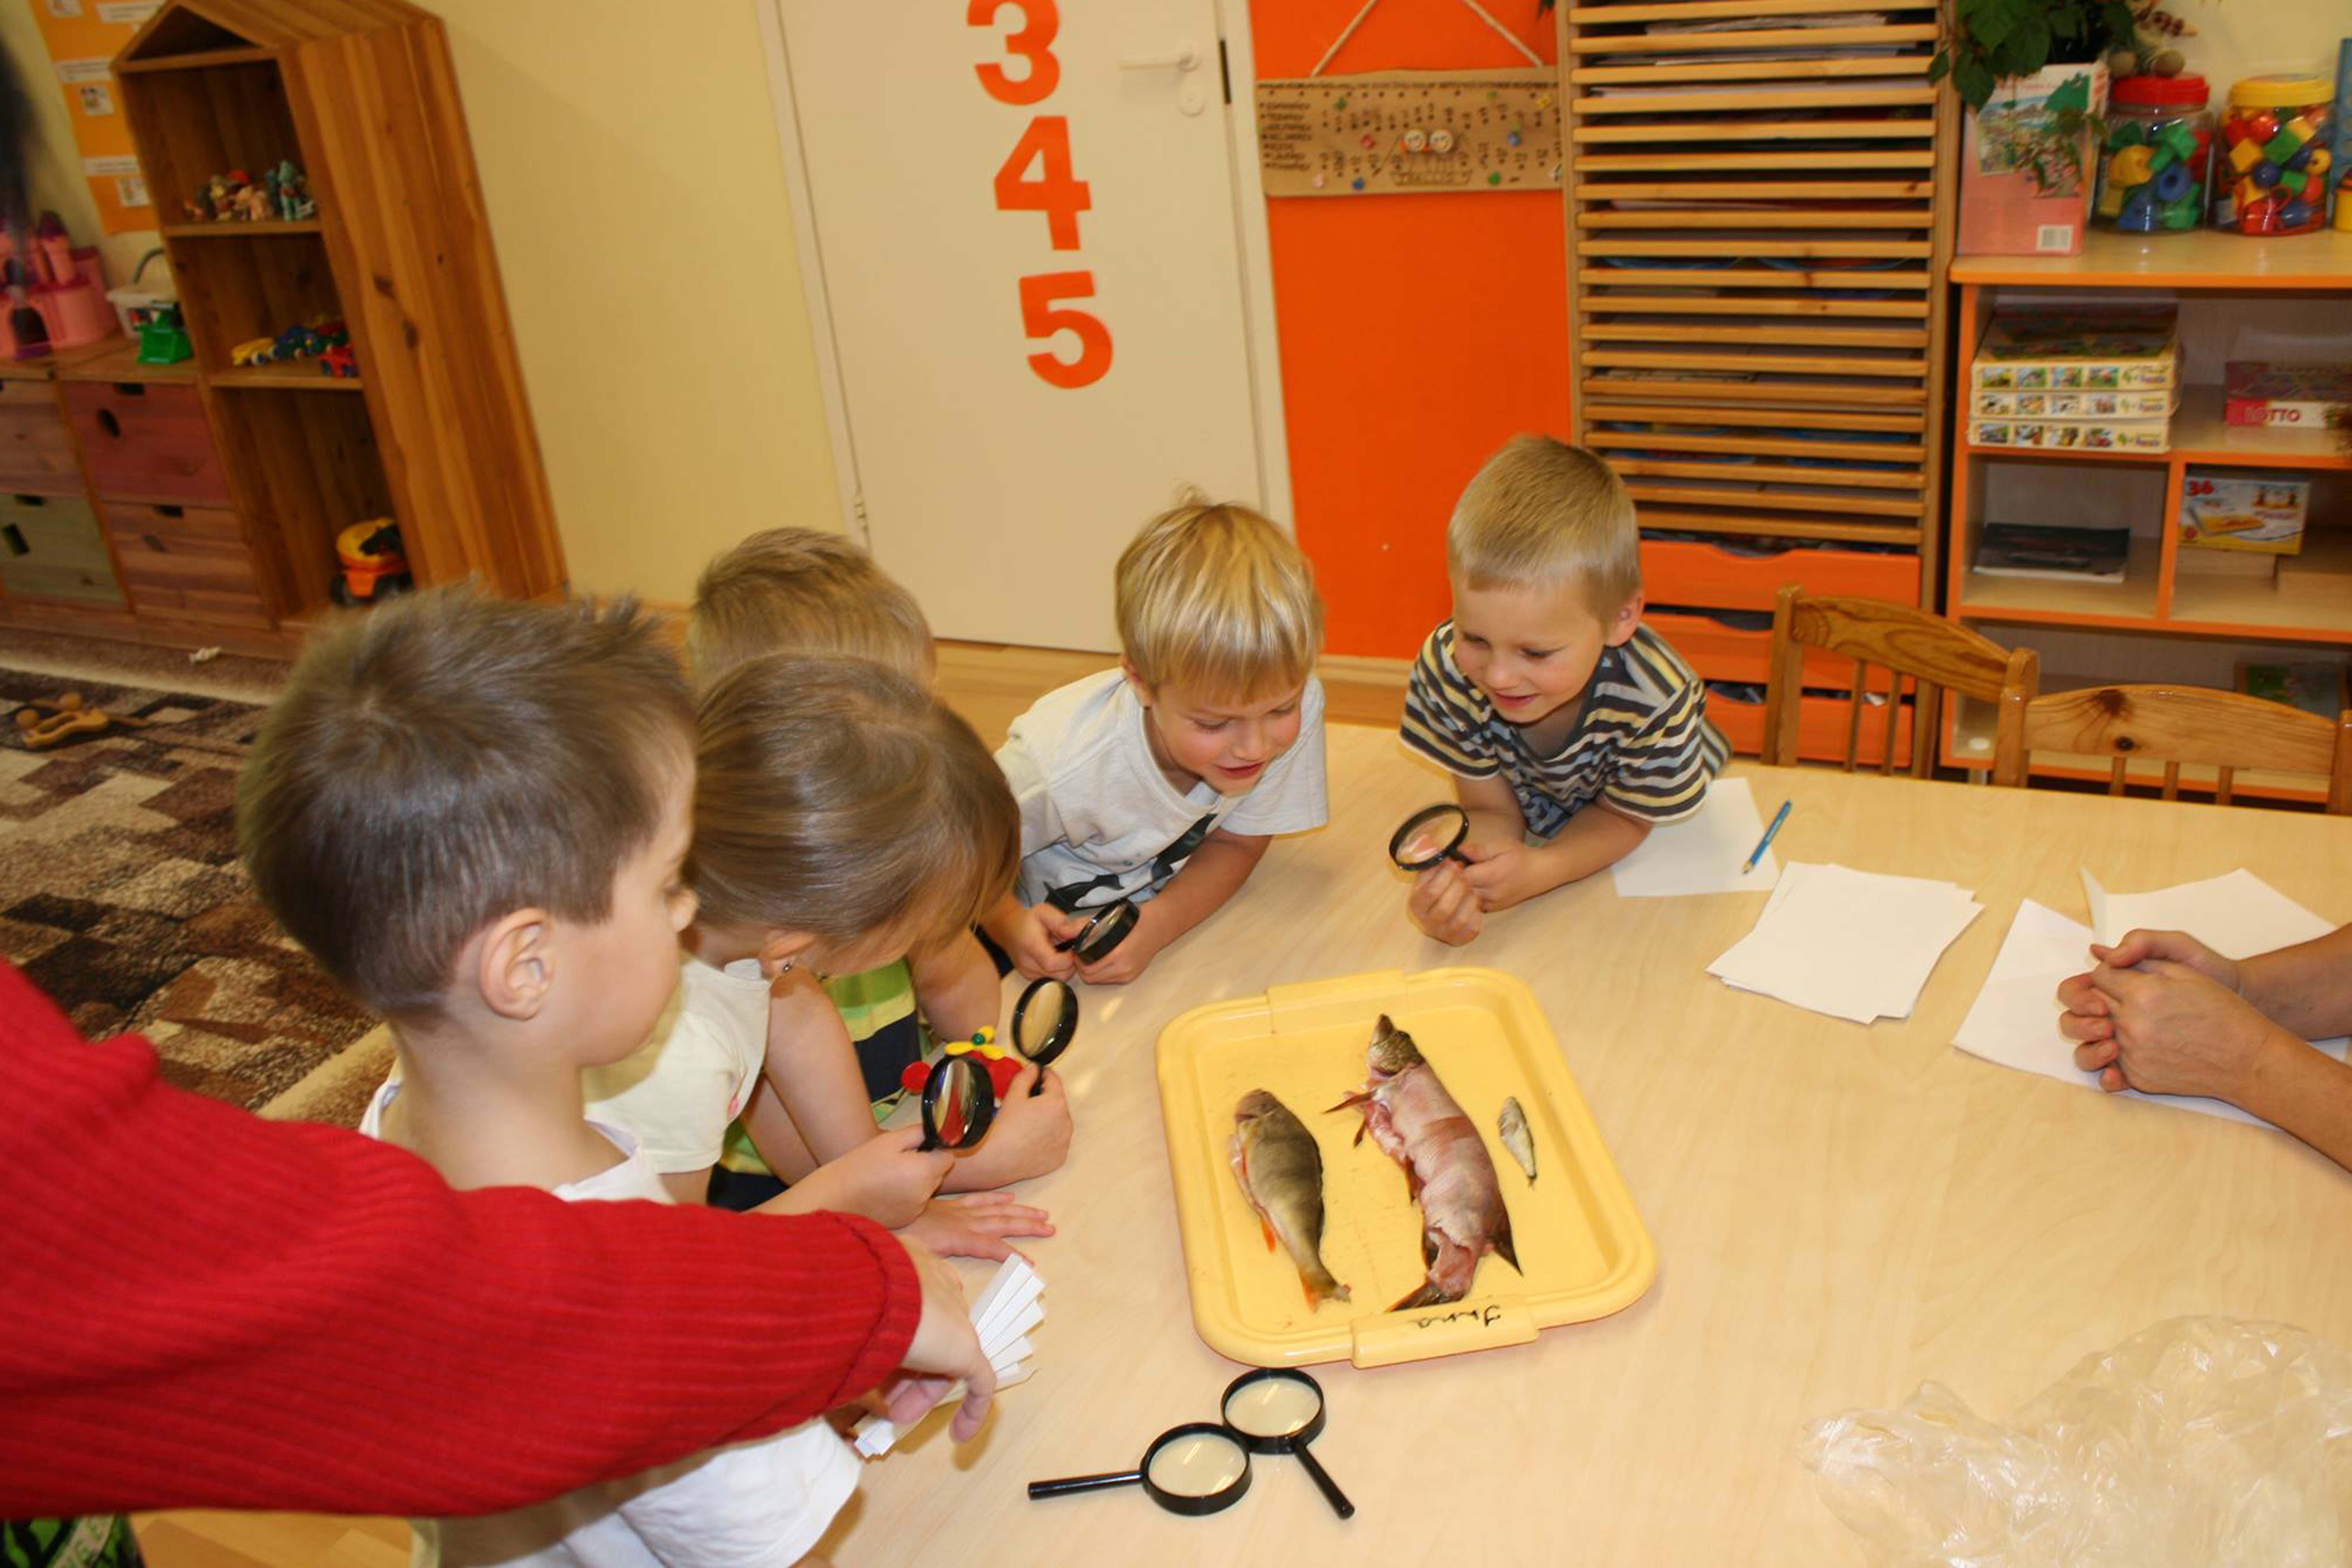 """Õpime kalu lähemalt tundma. Piltidel on """"Ettevõtliku kooli"""" programmi kuuluva Voka lasteaia Naksitrallid lapsed. – http://vokalasteaed.edu.ee/. Fotod: Berit Baun"""